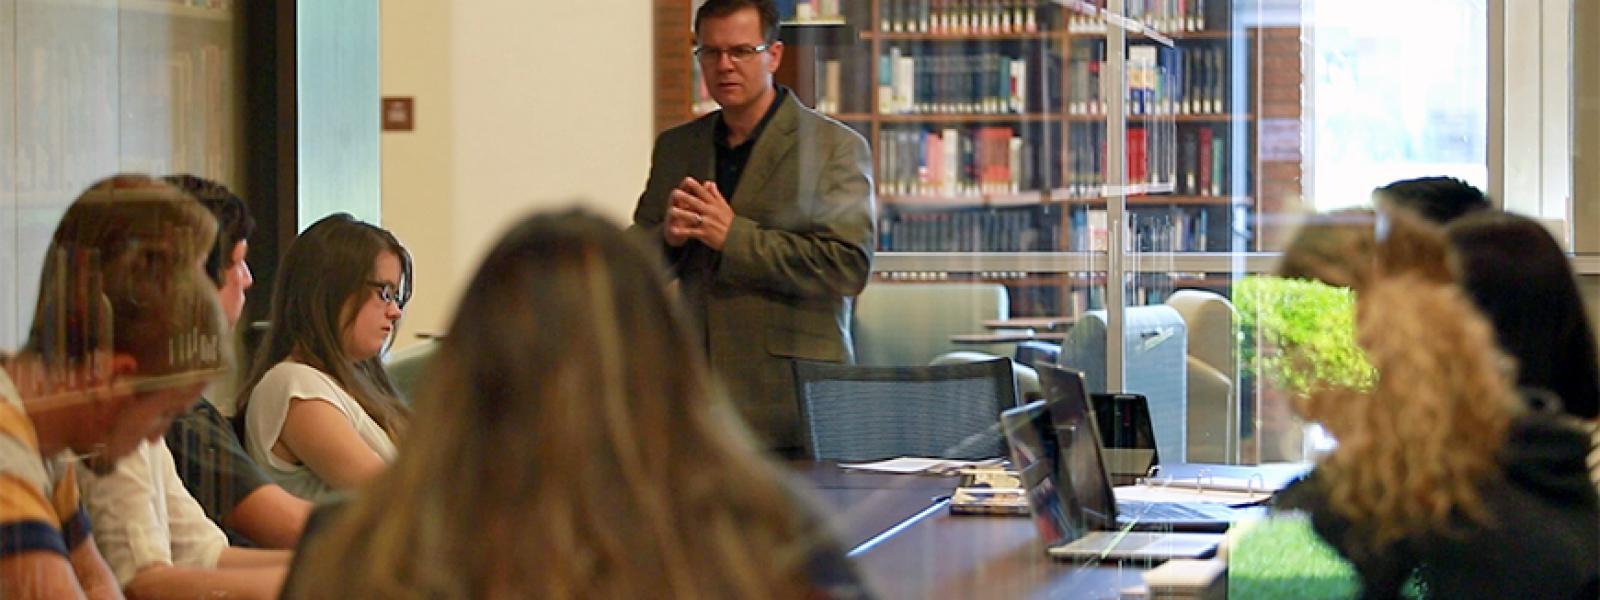 Ed Smither, CIU professor